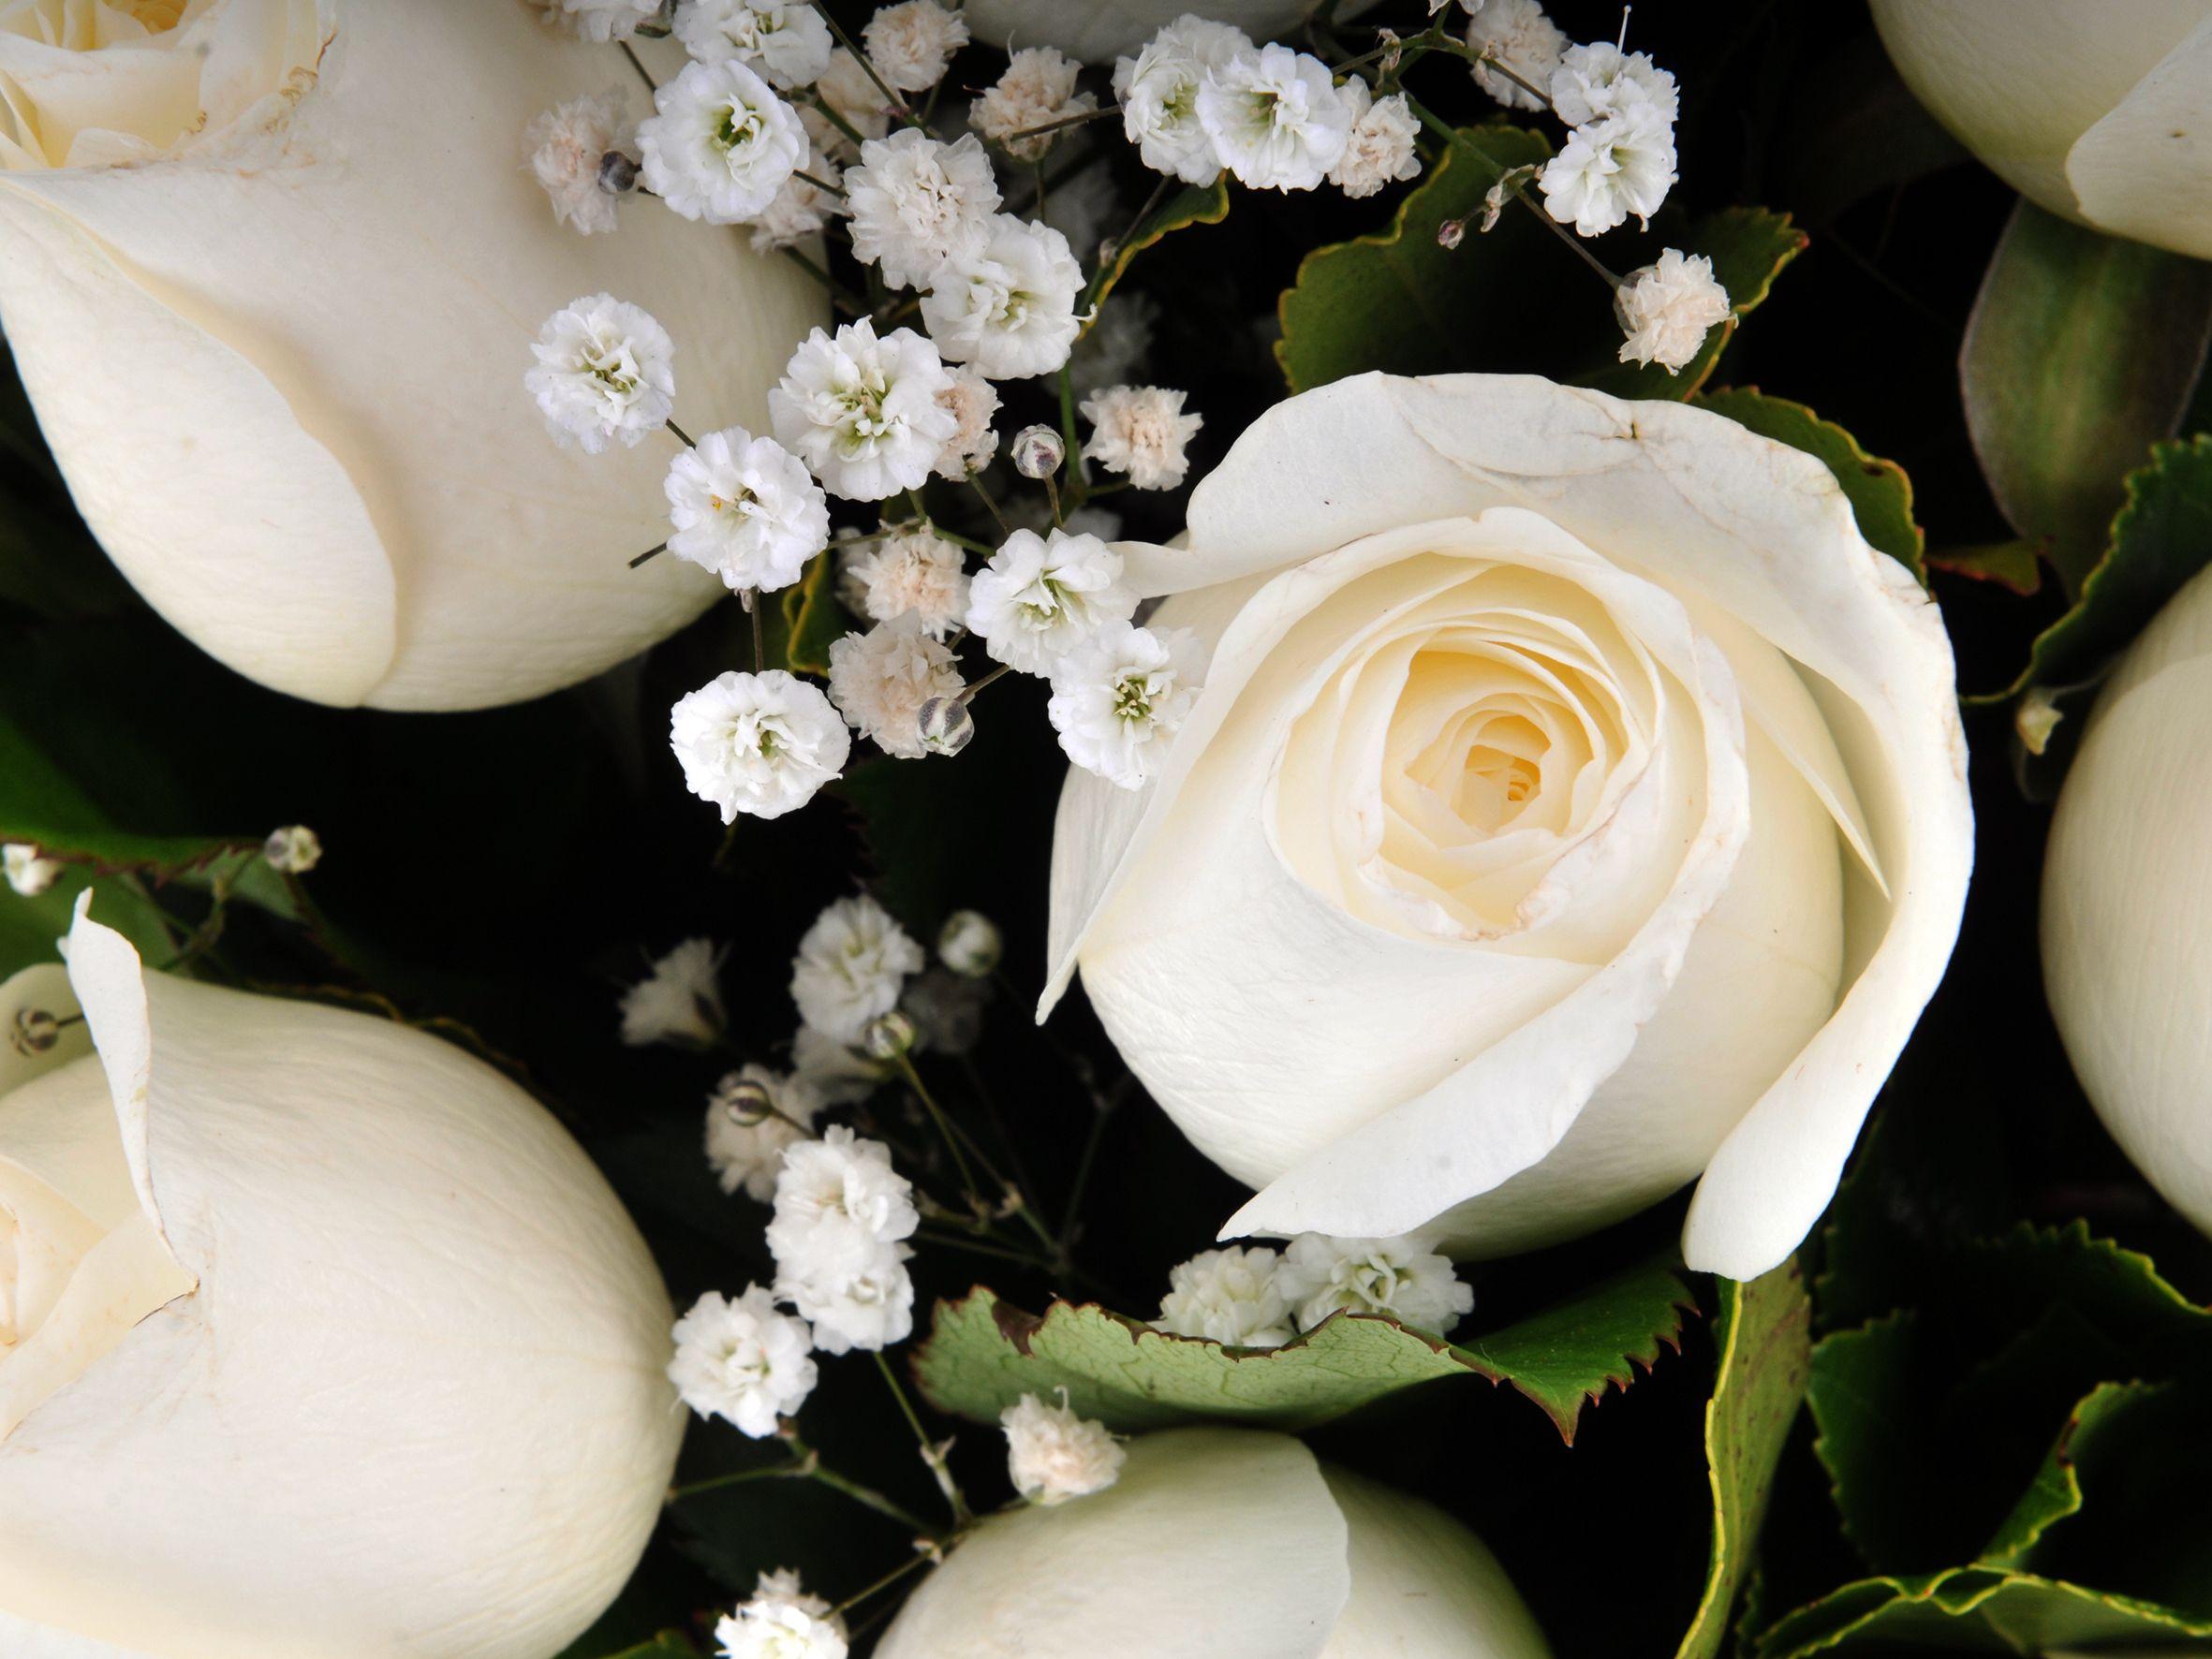 Vazoda 21 Beyaz Gül Aranjmanı Aranjmanlar çiçek gönder